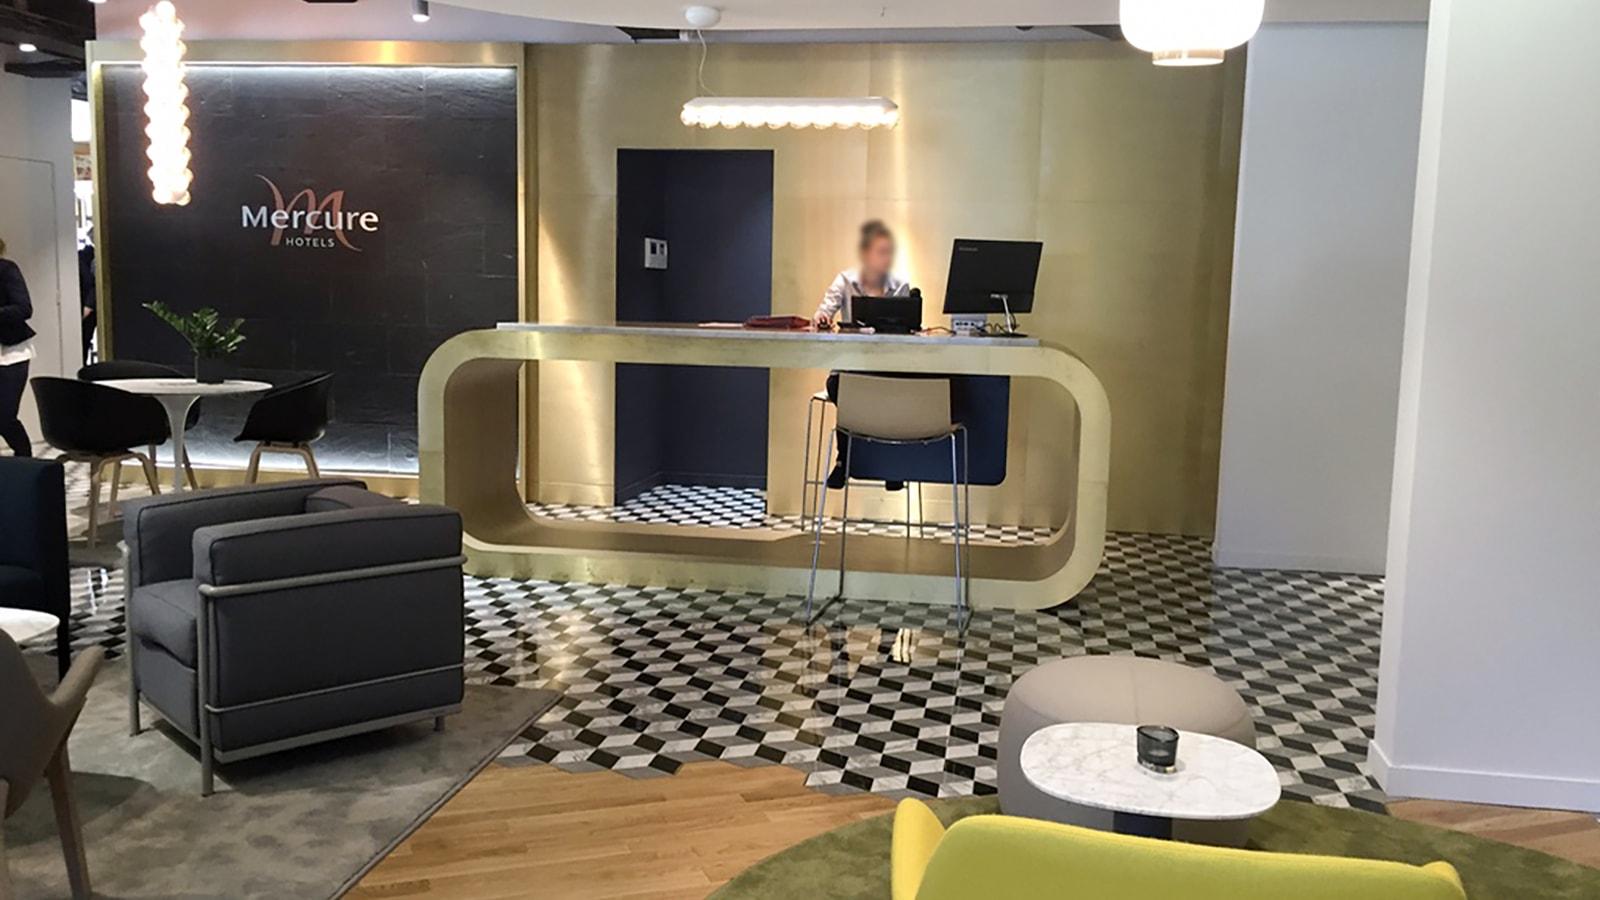 EFI Design Hotel Mercure Nantes Efi Design (2) 1199